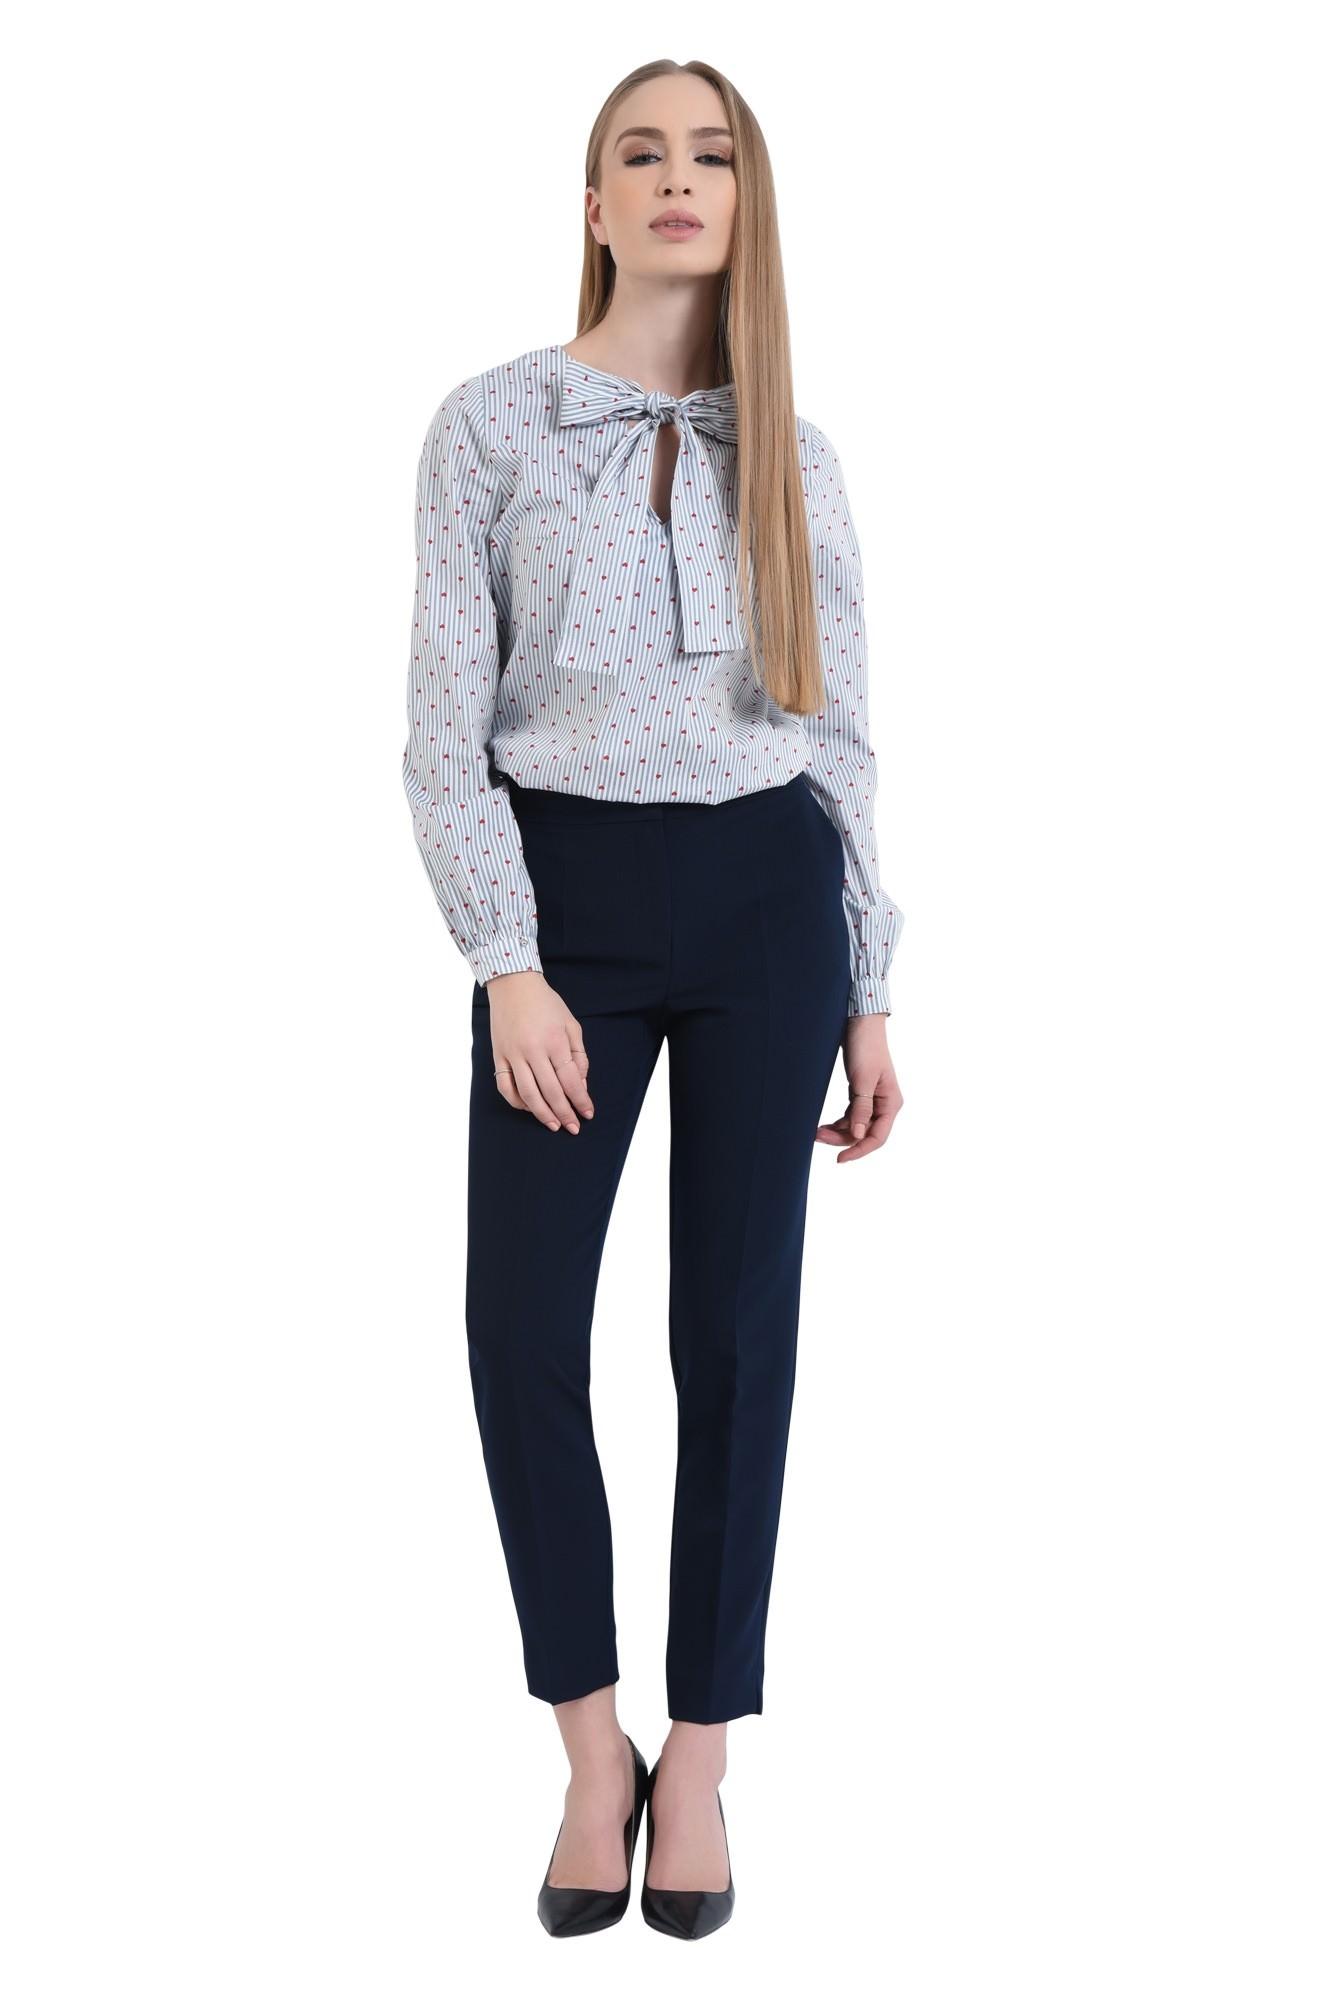 360 - Pantaloni casual conici